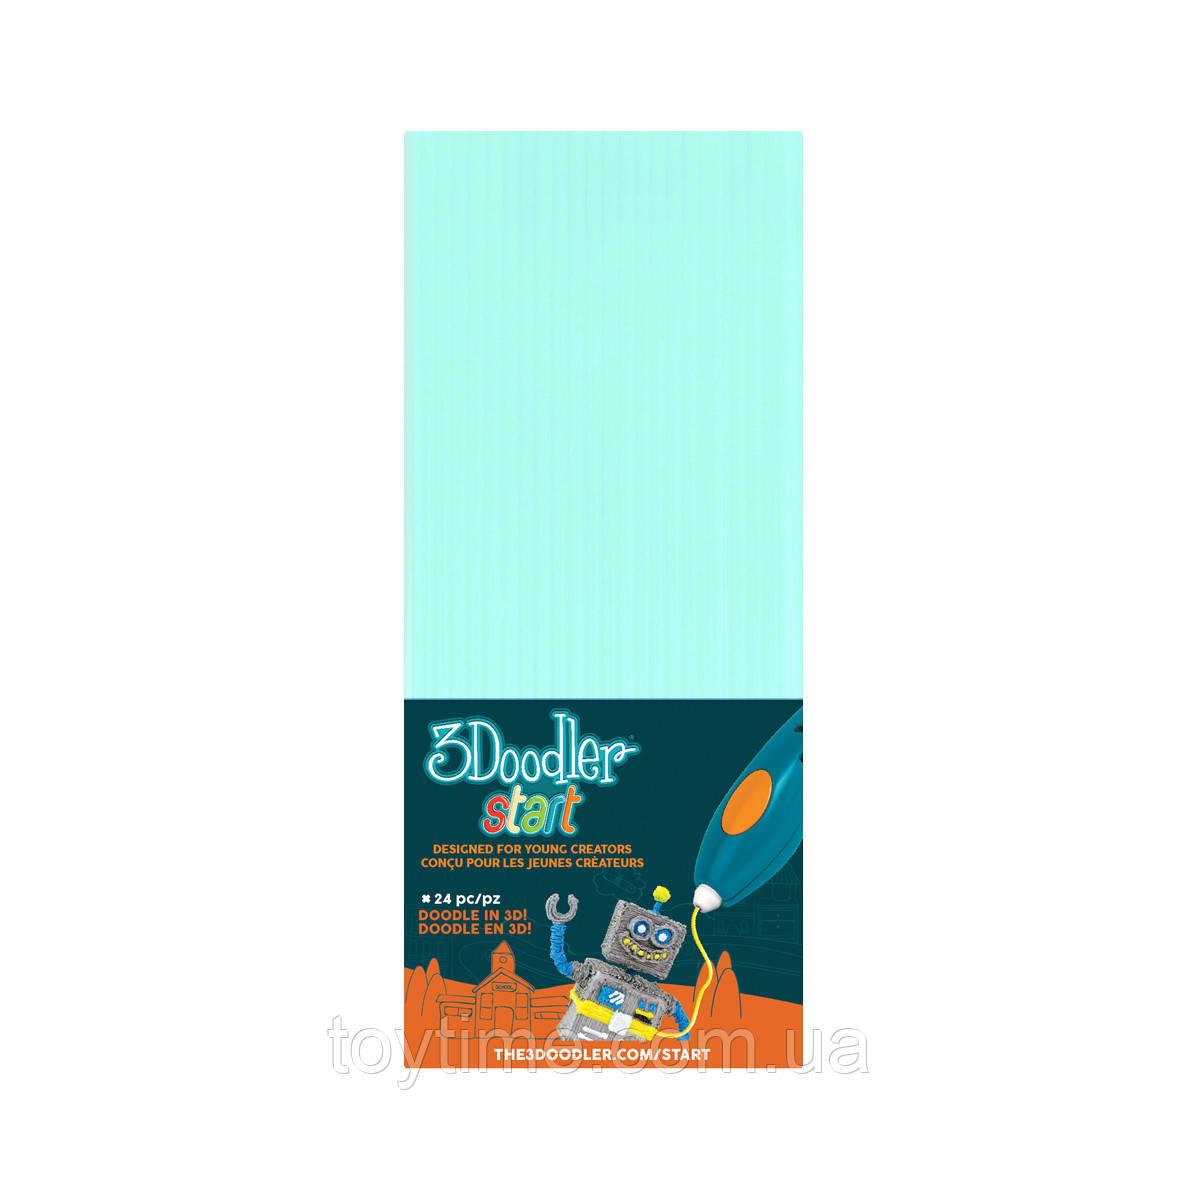 Набор стержней для 3d-ручки 3Doodler Start Мятного цвета / Пластик для 3Д ручки 3Дудлер Старт мятные стержни